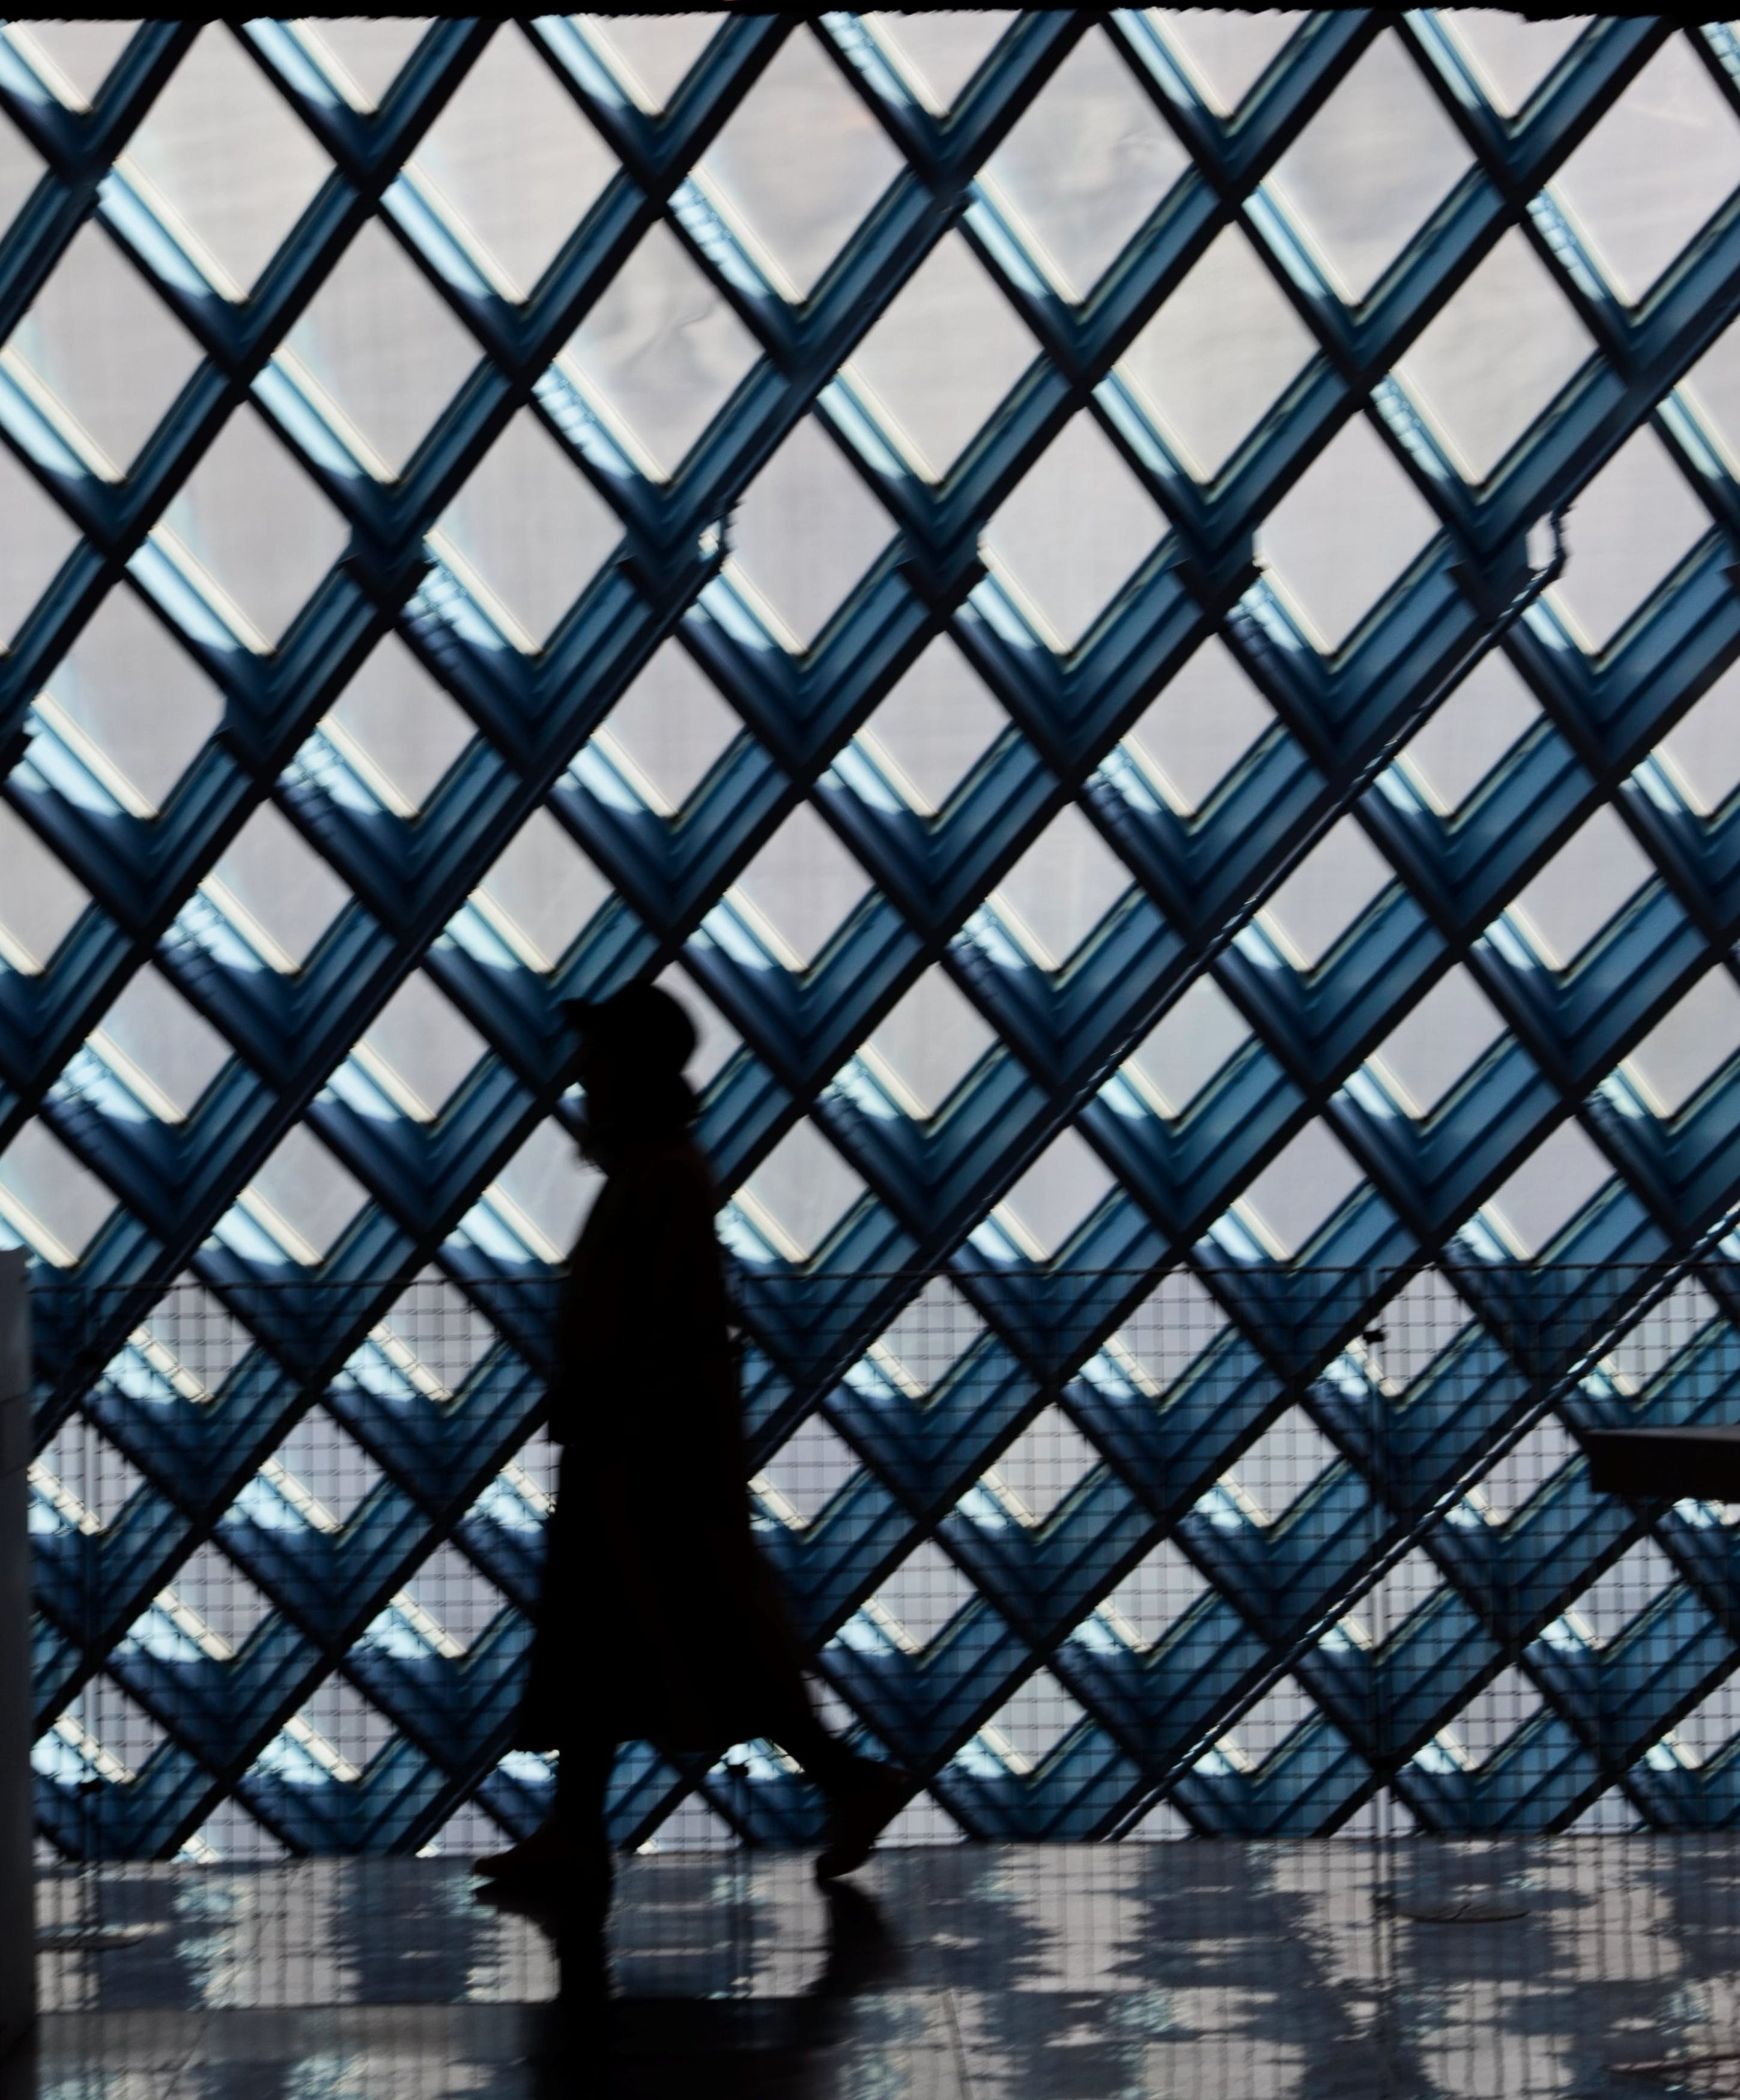 Silhouette of Person Walking Near Window